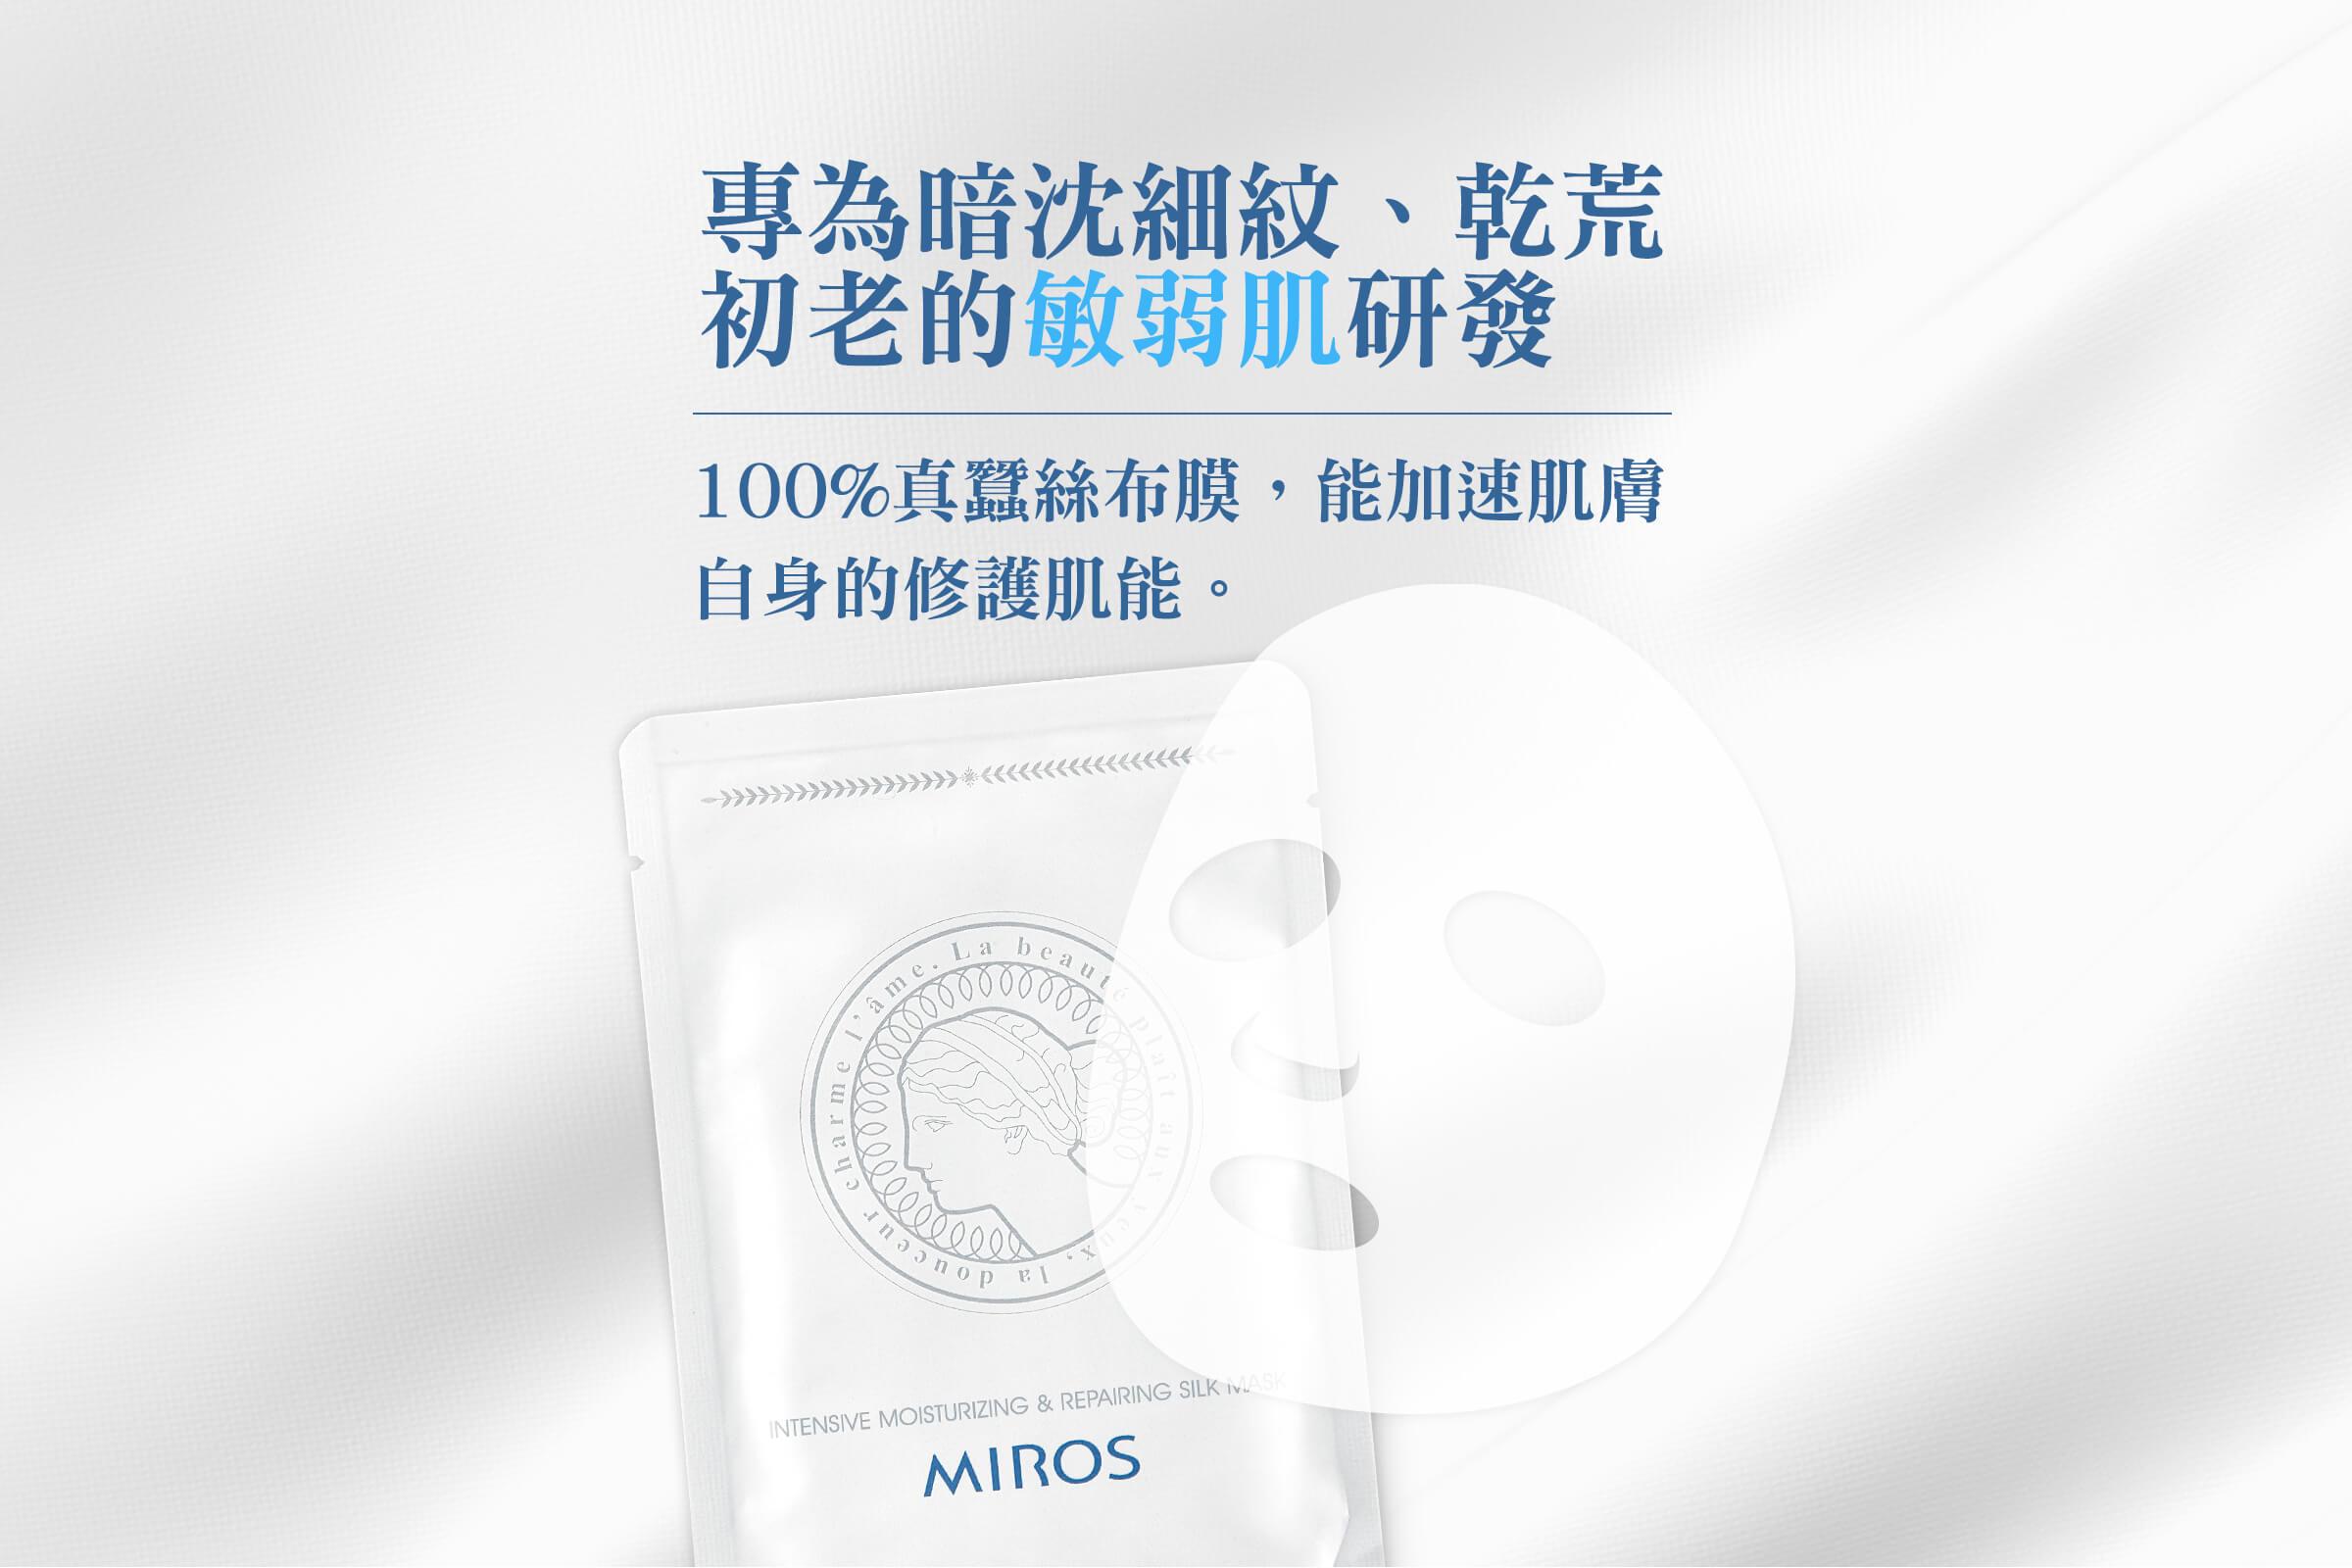 高保濕婙白修護蠶絲面膜30入環保箱